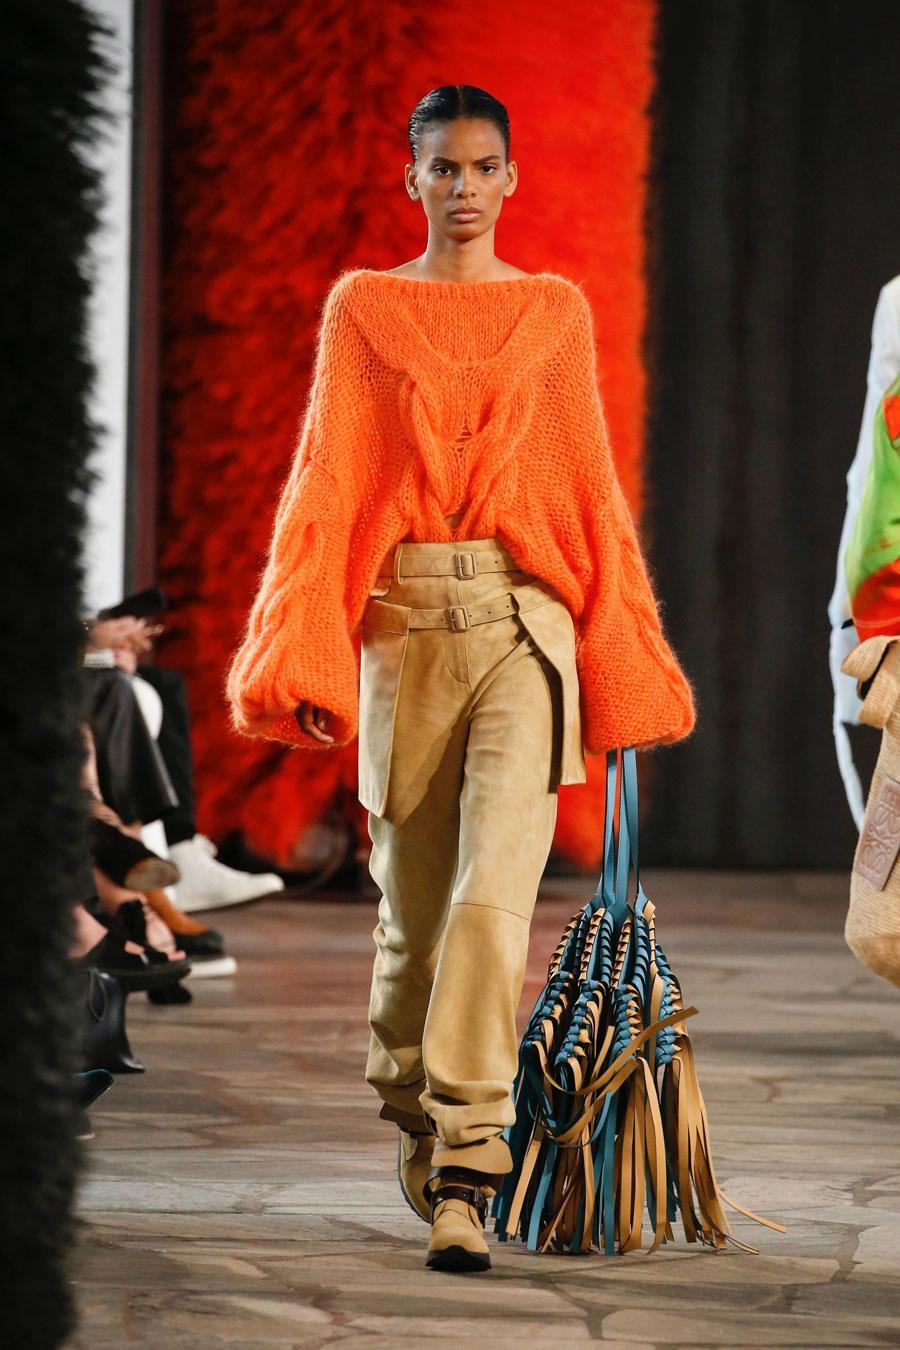 320d3463c59 colores-de-moda-naranja-loewe. Color naranja